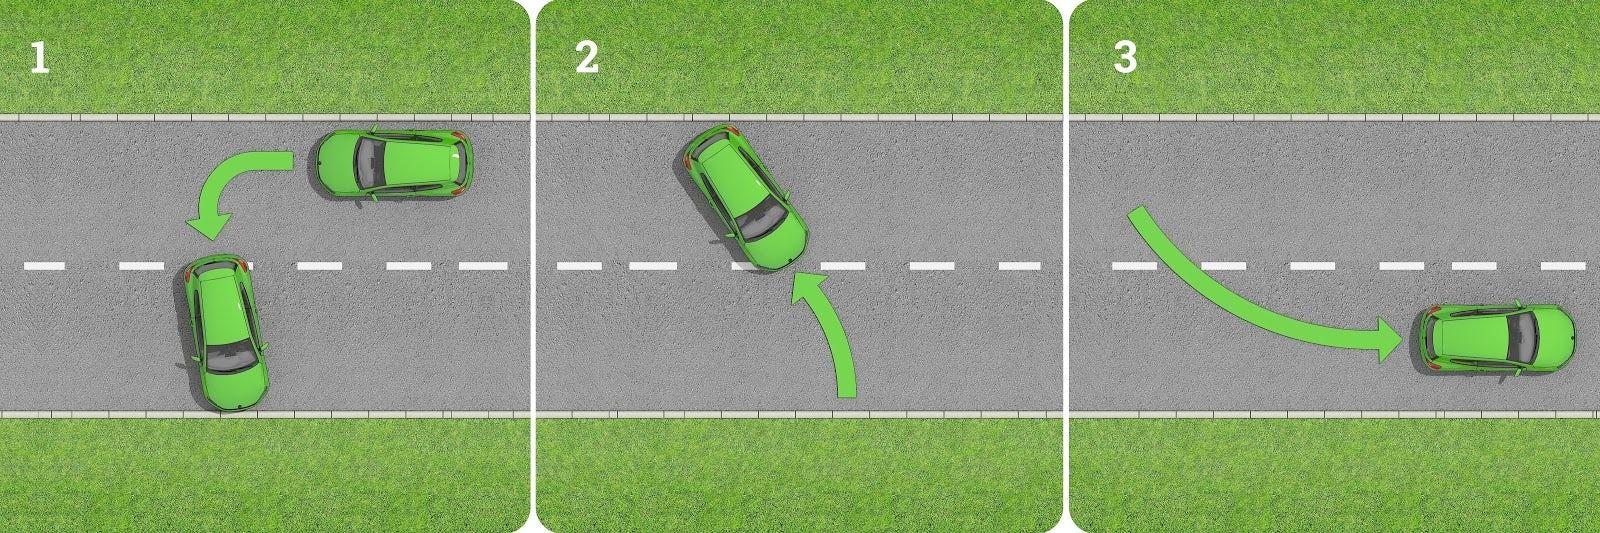 En illustrerande bild över hur en 3-punktssväng går till.